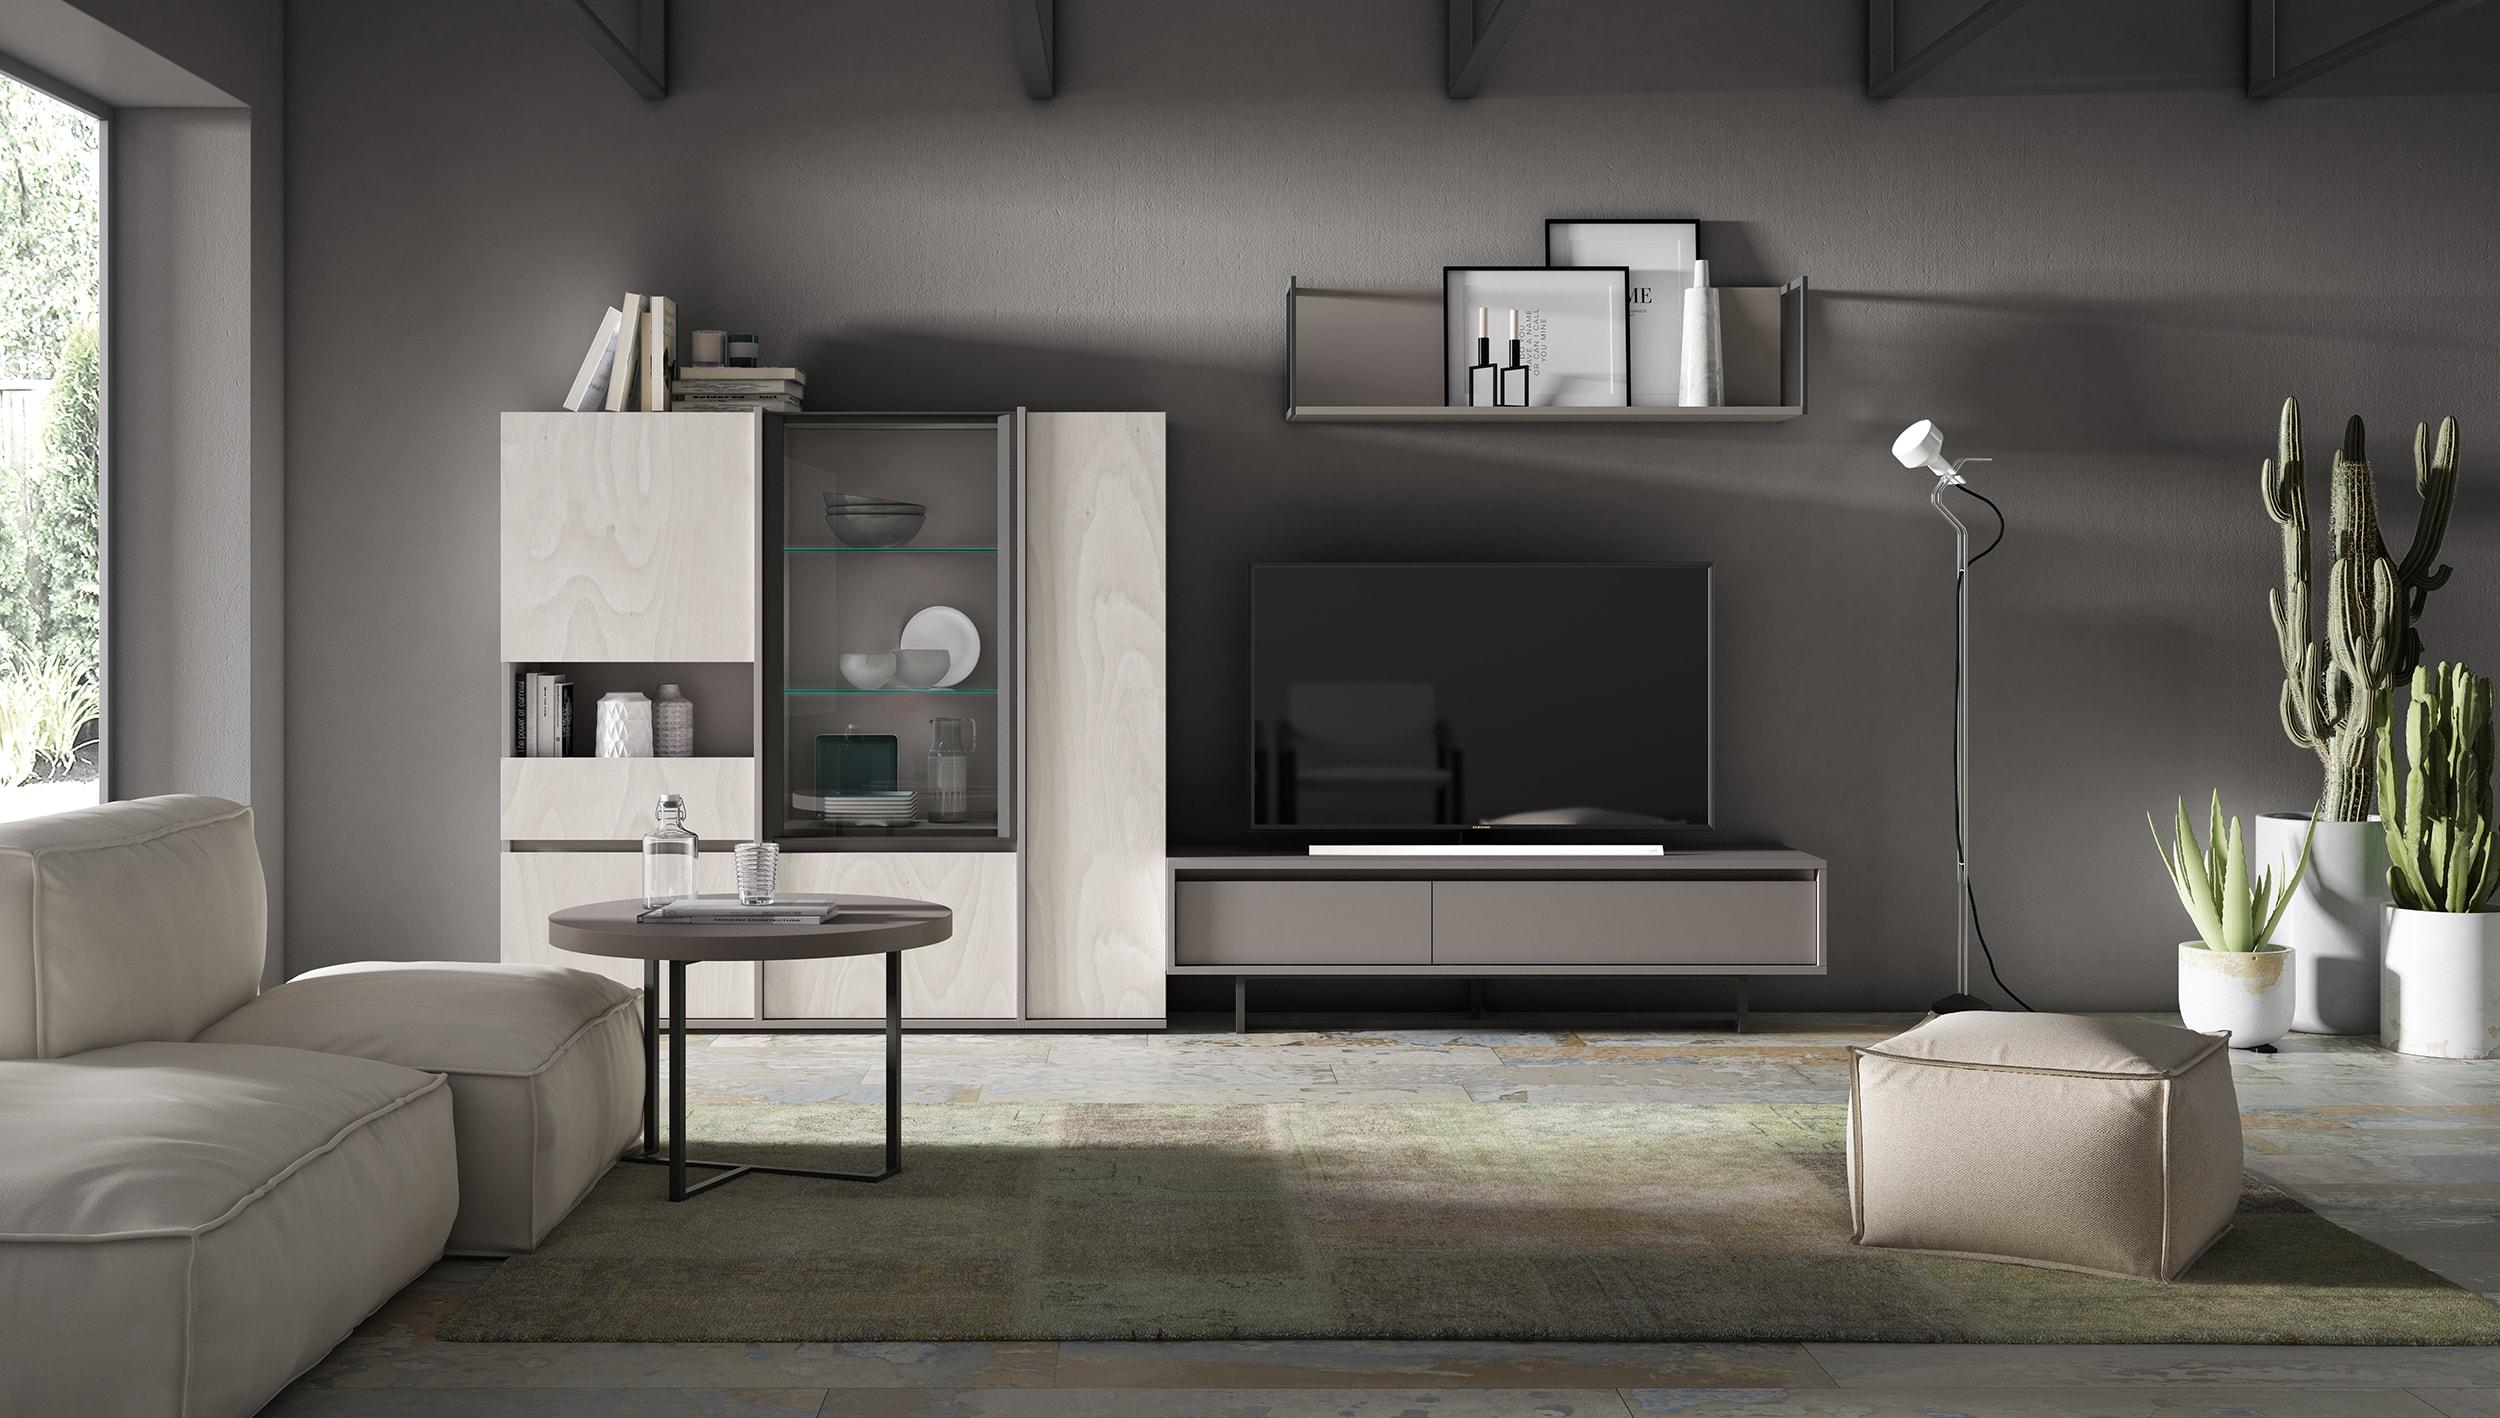 Composición modular 308x144 cm con diseños más frescos y acabados más avanzados.